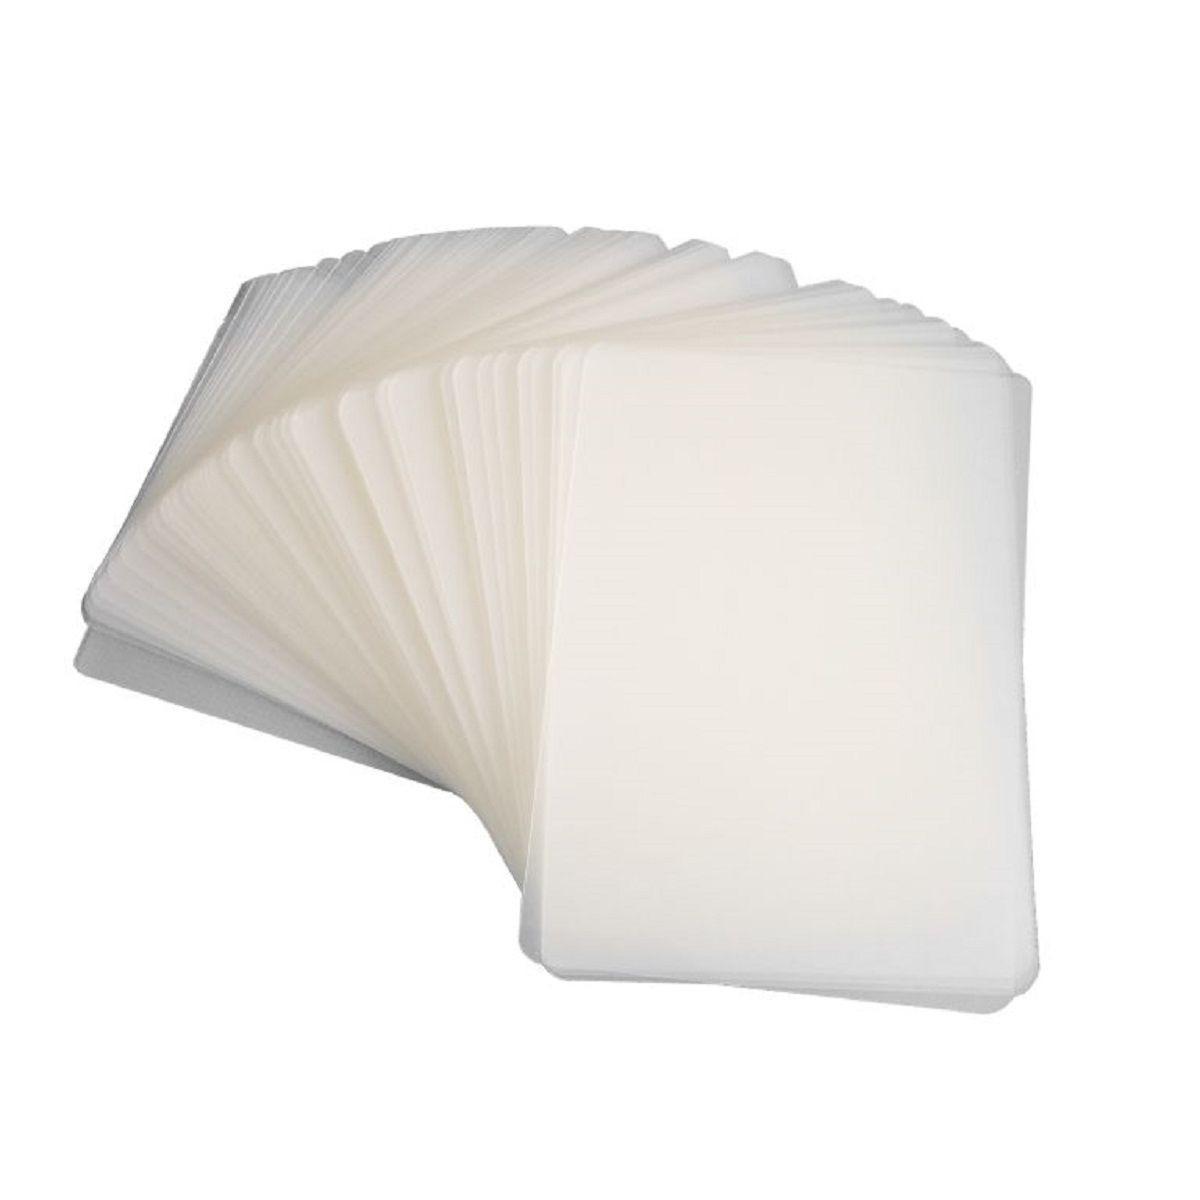 Kit 1000 Plasticos Polaseal para Plastificação Crachá 59x86x0,10mm (250 micras)  - Click Suprimentos